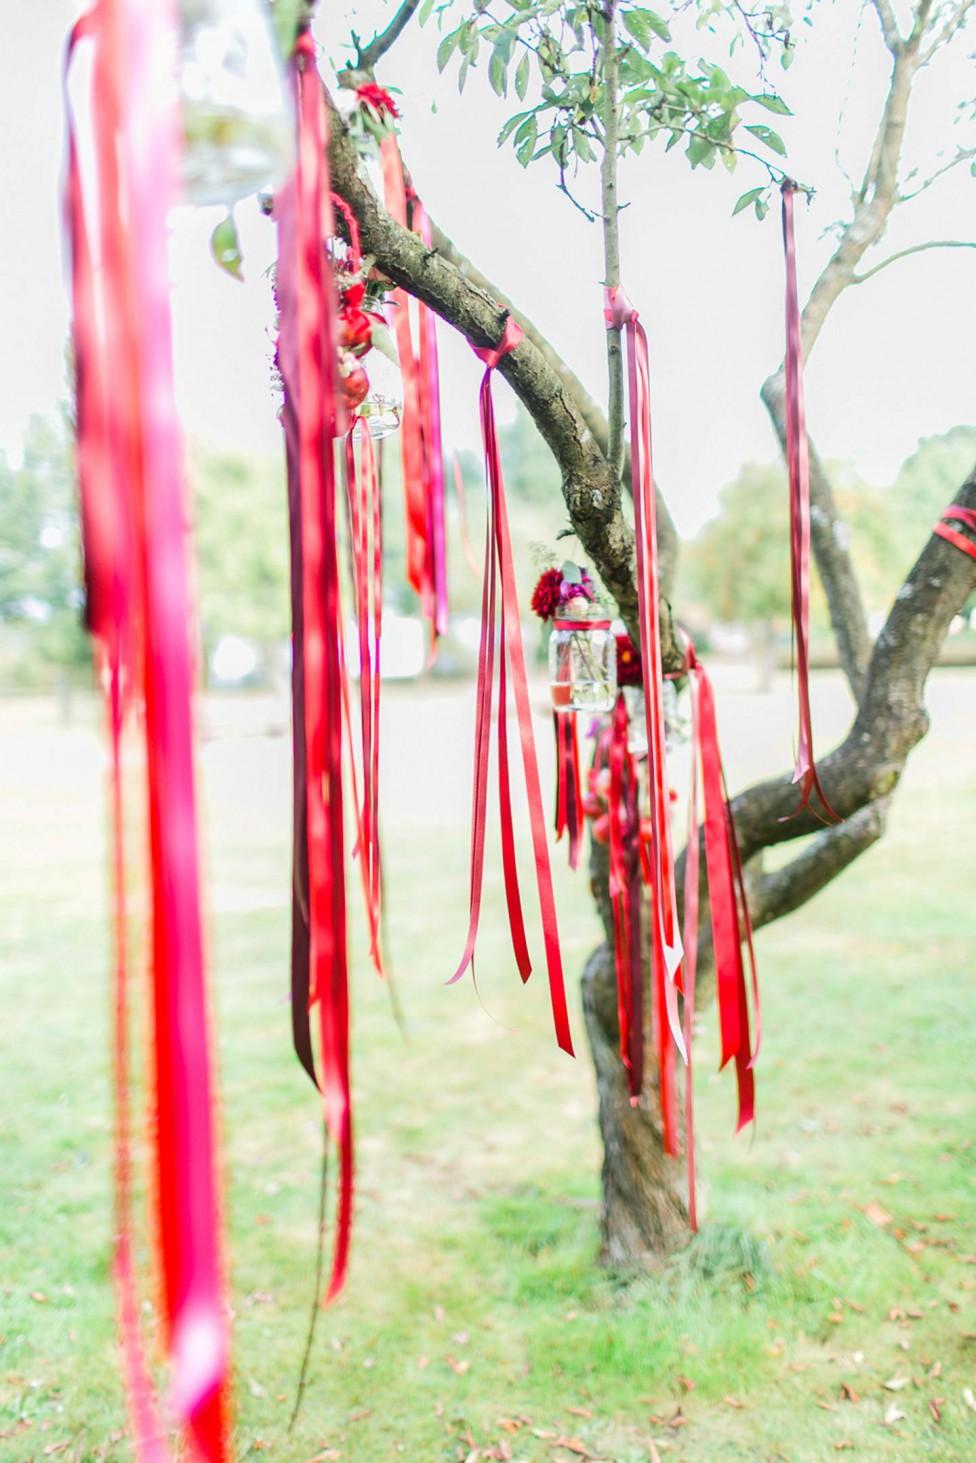 Hochzeitsinspiration: Ein Boho-Traum in Beeren-Farben